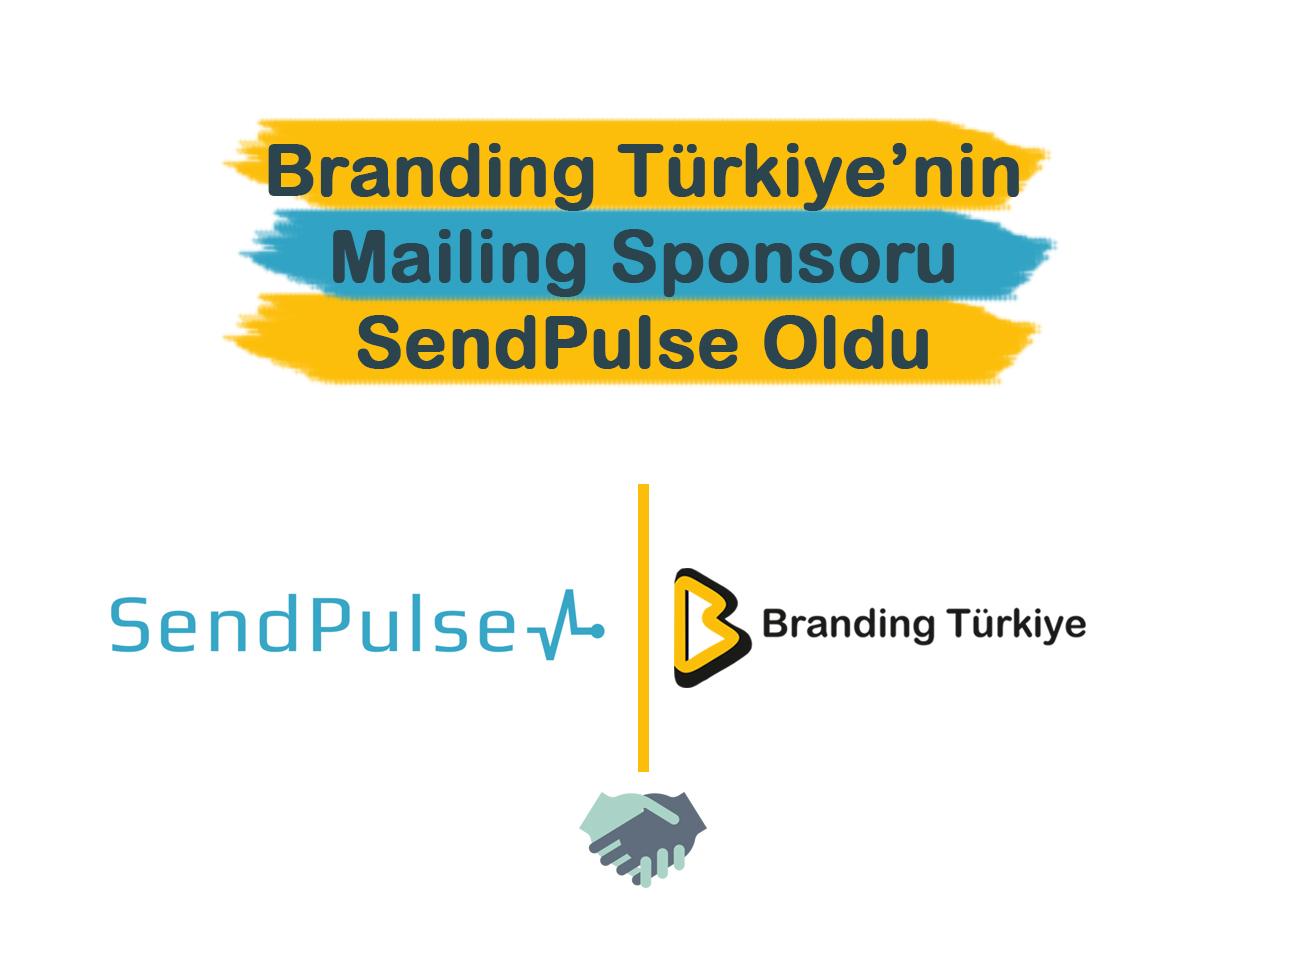 Branding Türkiye'nin Mailing Sponsoru SendPulse Oldu